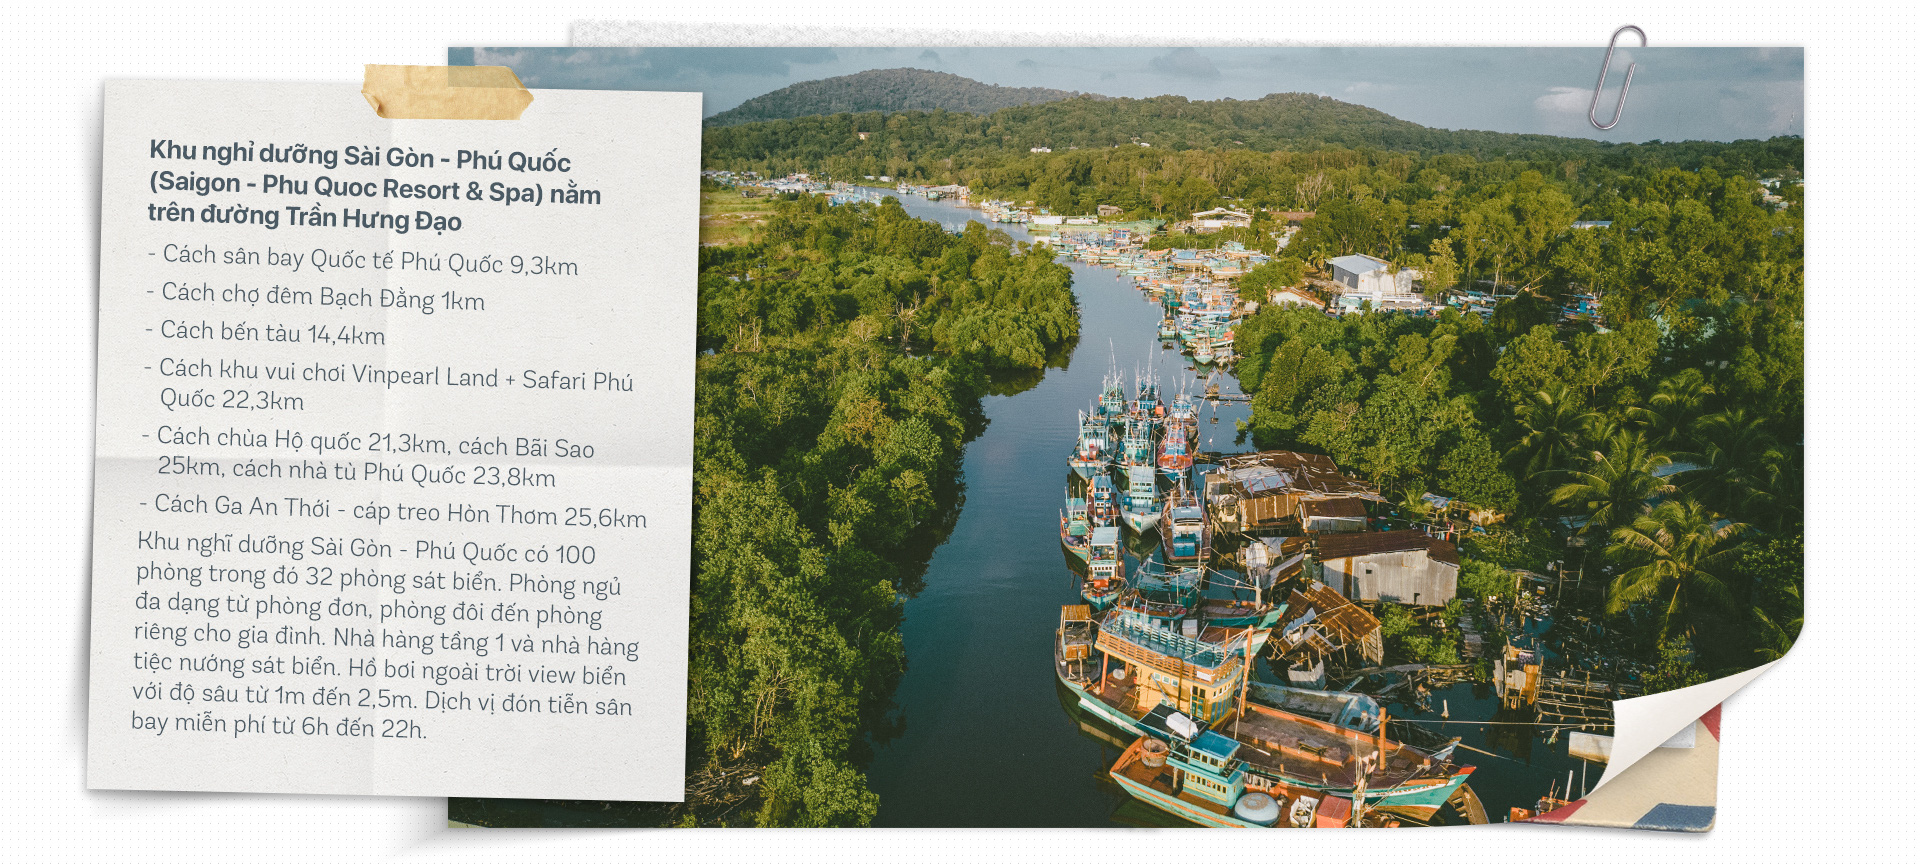 12 Huyện đảo Việt Nam chuỗi ngọc trên biển đông (P6)